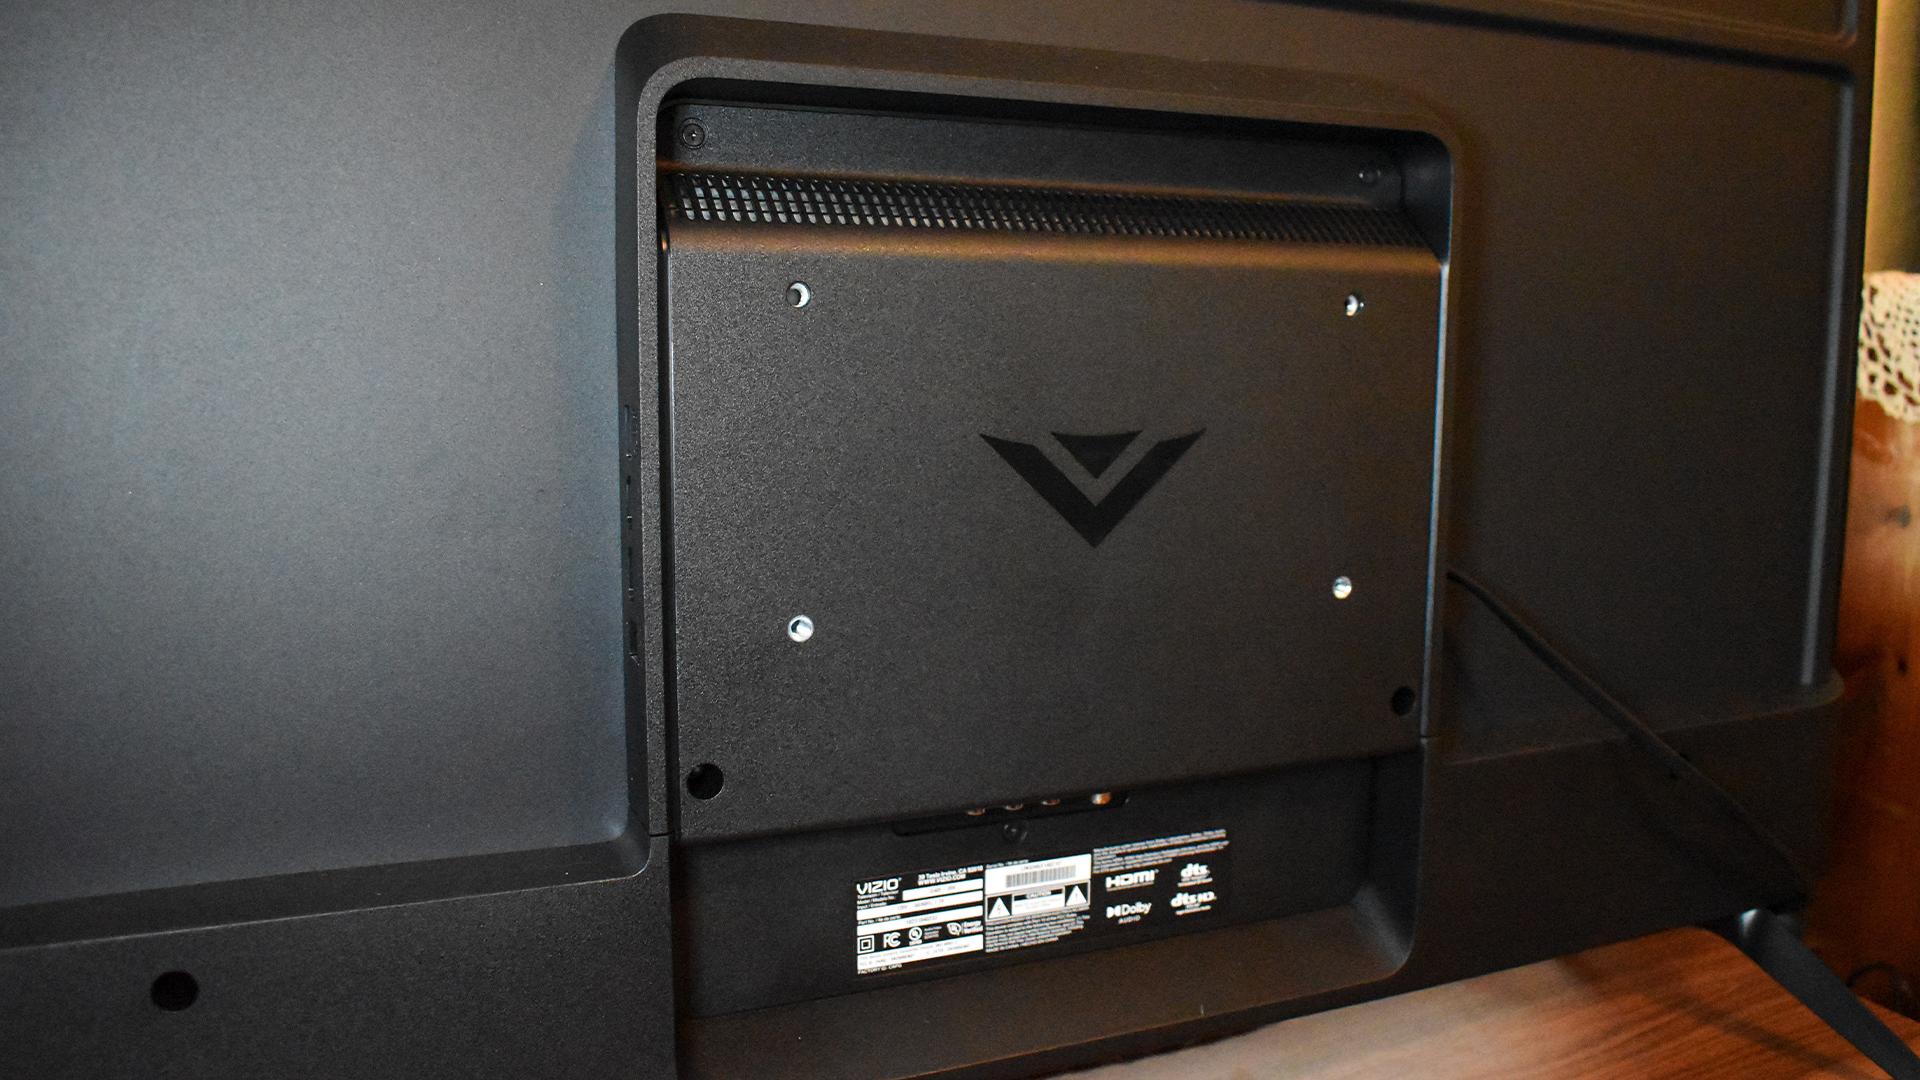 The VIzio TV's backside.